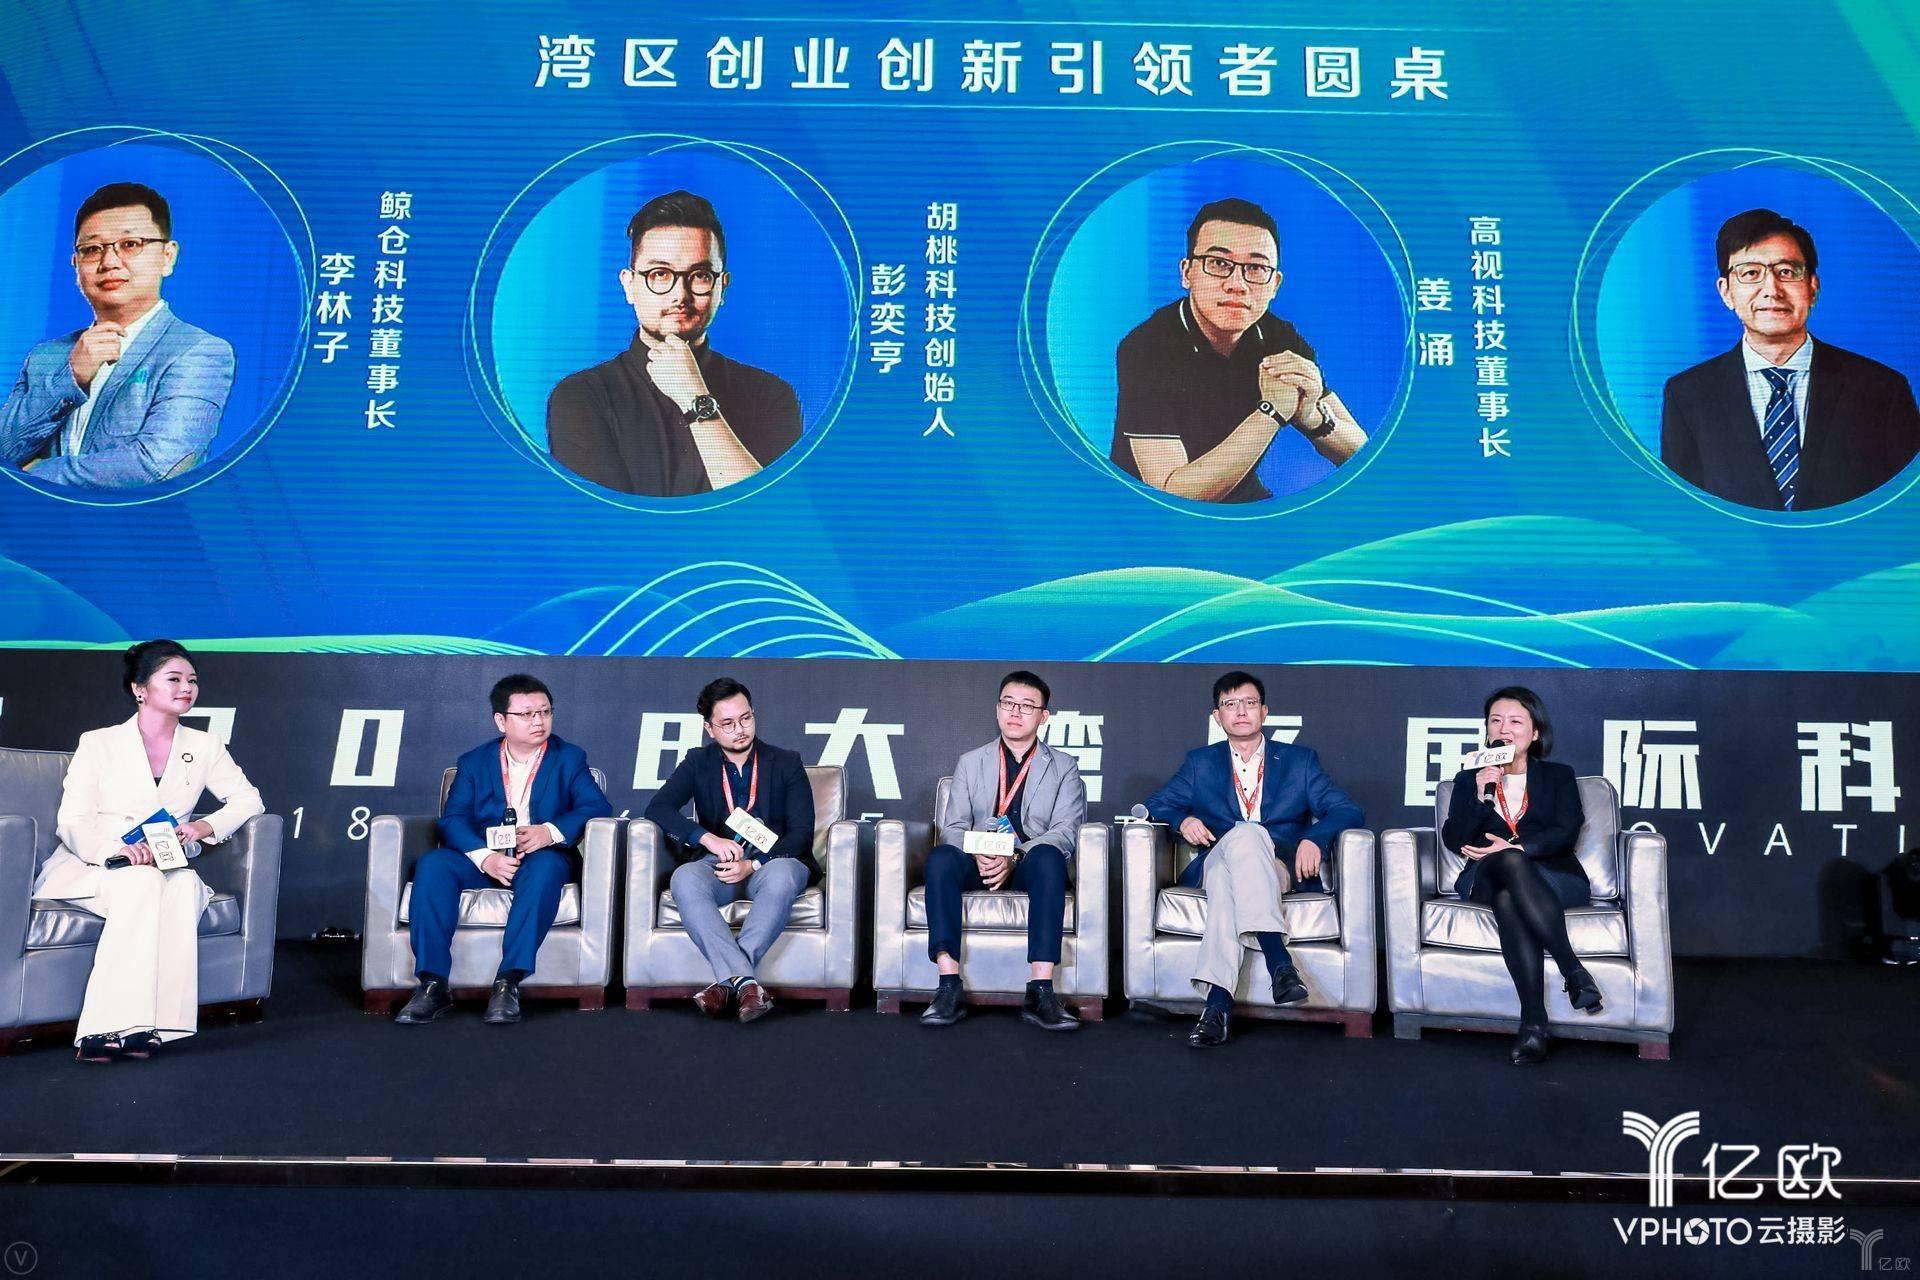 来自香港和北京的四位创业者,讲述了选择粤港澳大湾区创业的原因